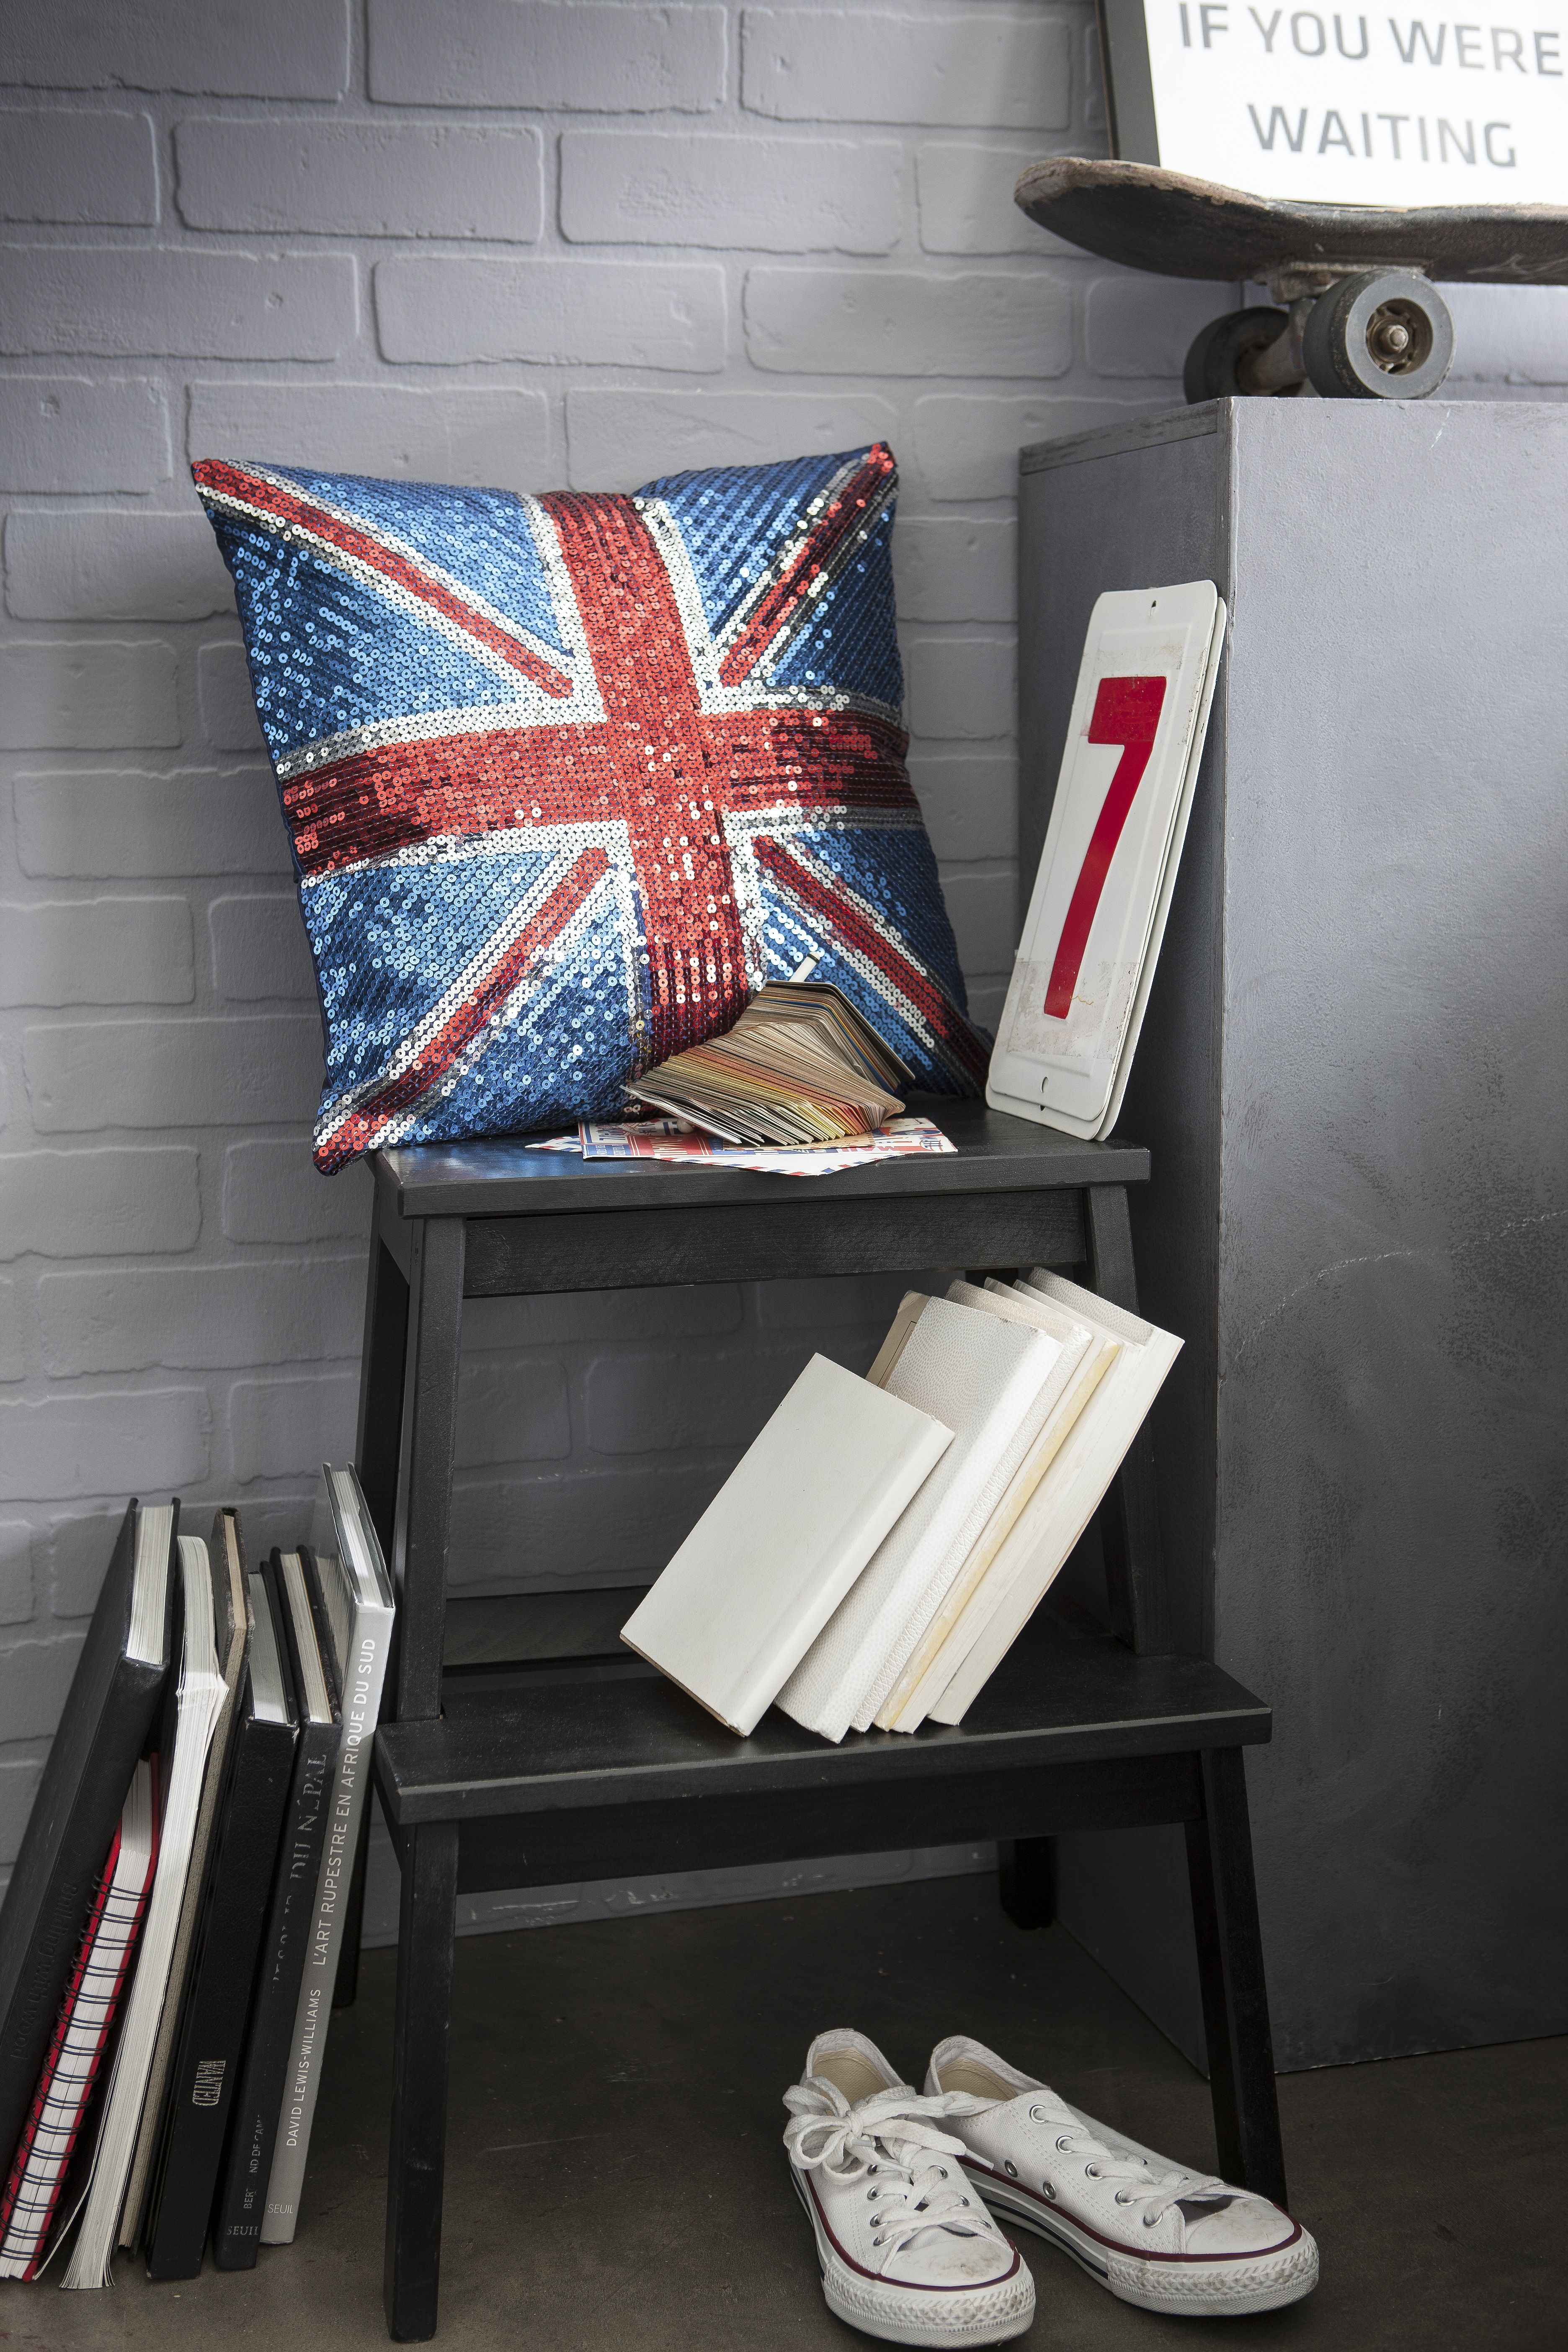 Ravivez Votre Interieur Avec Ce Coussin Sequins Inspire Du Celebre Drapeau Anglais London England Union Jack Unionjack Dr London Flag Union Jack Deco